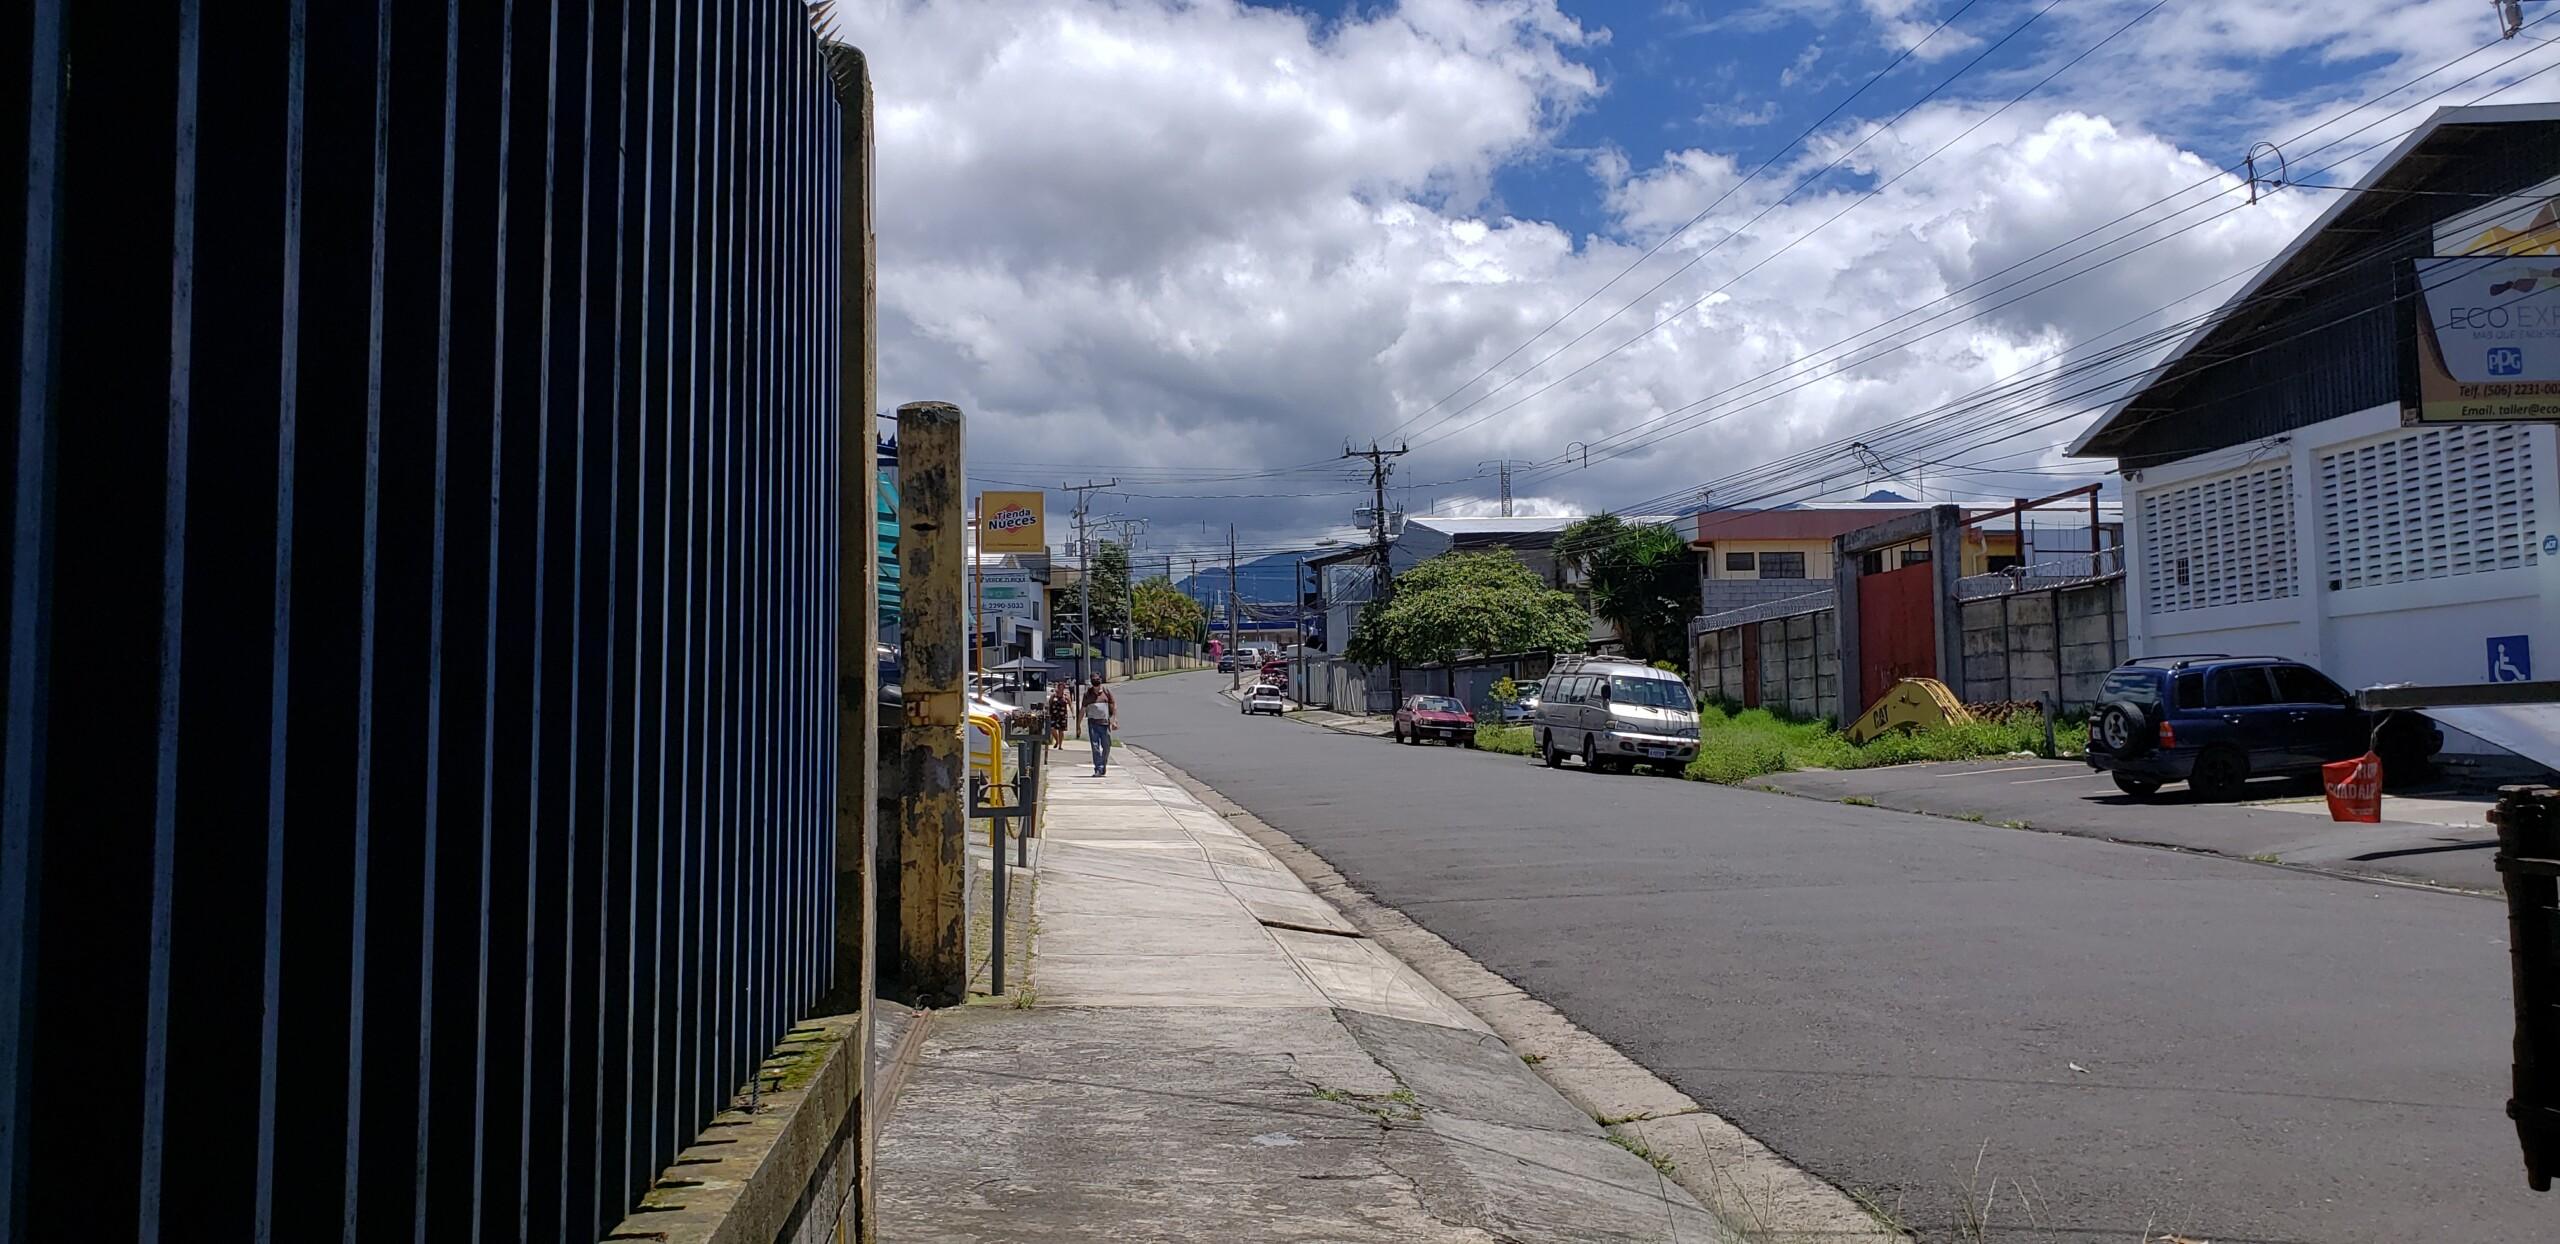 BODEGAS PARA LA VENTA – LA URUCA SAN JOSE COSTA RICA.